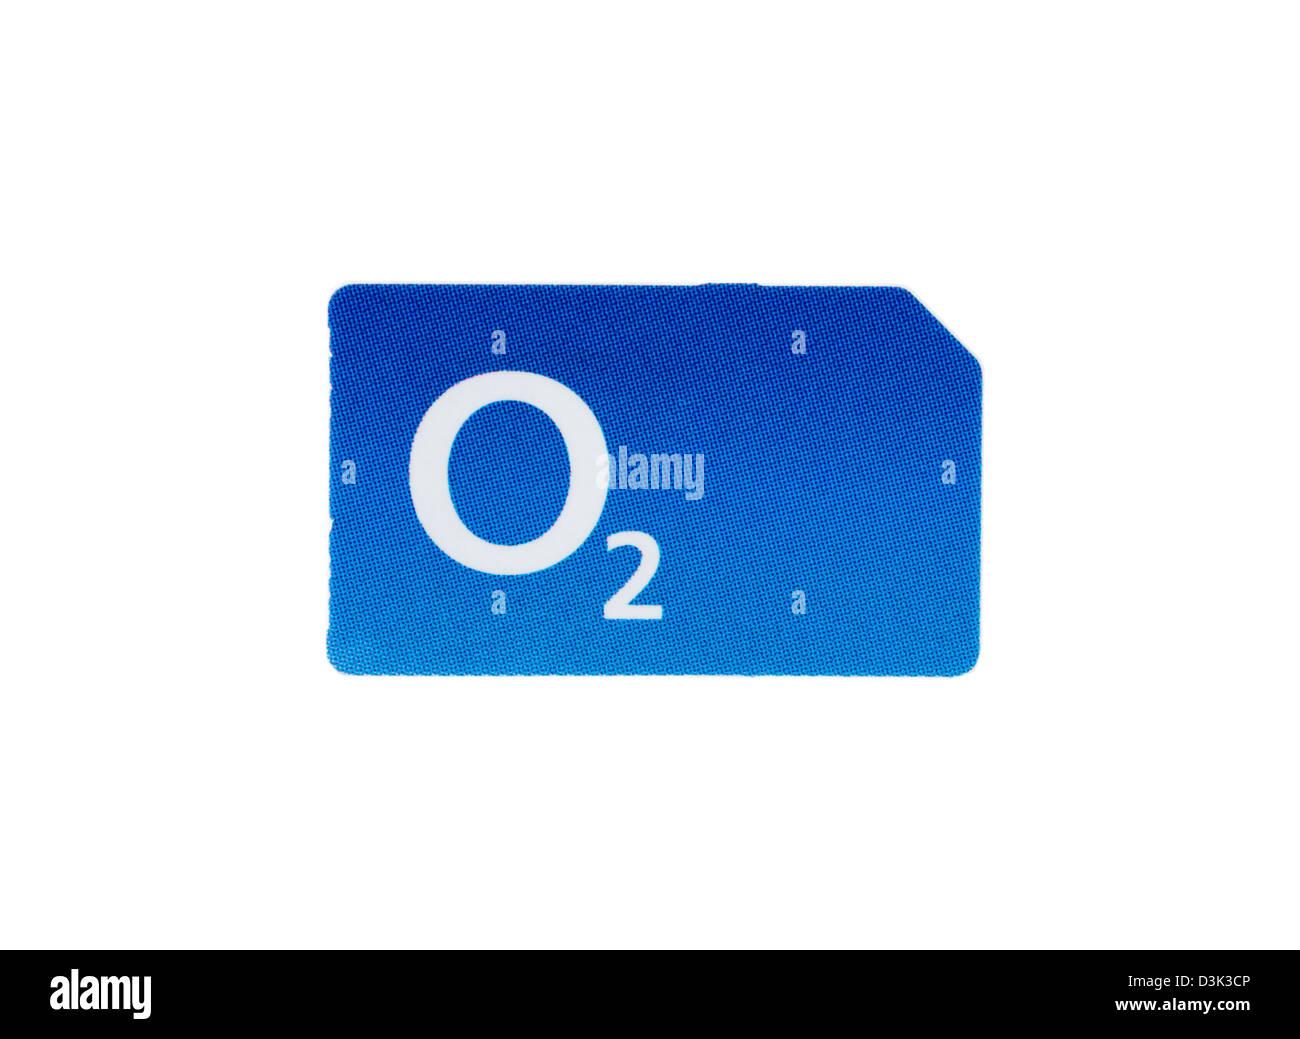 Eine O2 SIM-Karte für ein Mobiltelefon Stockbild